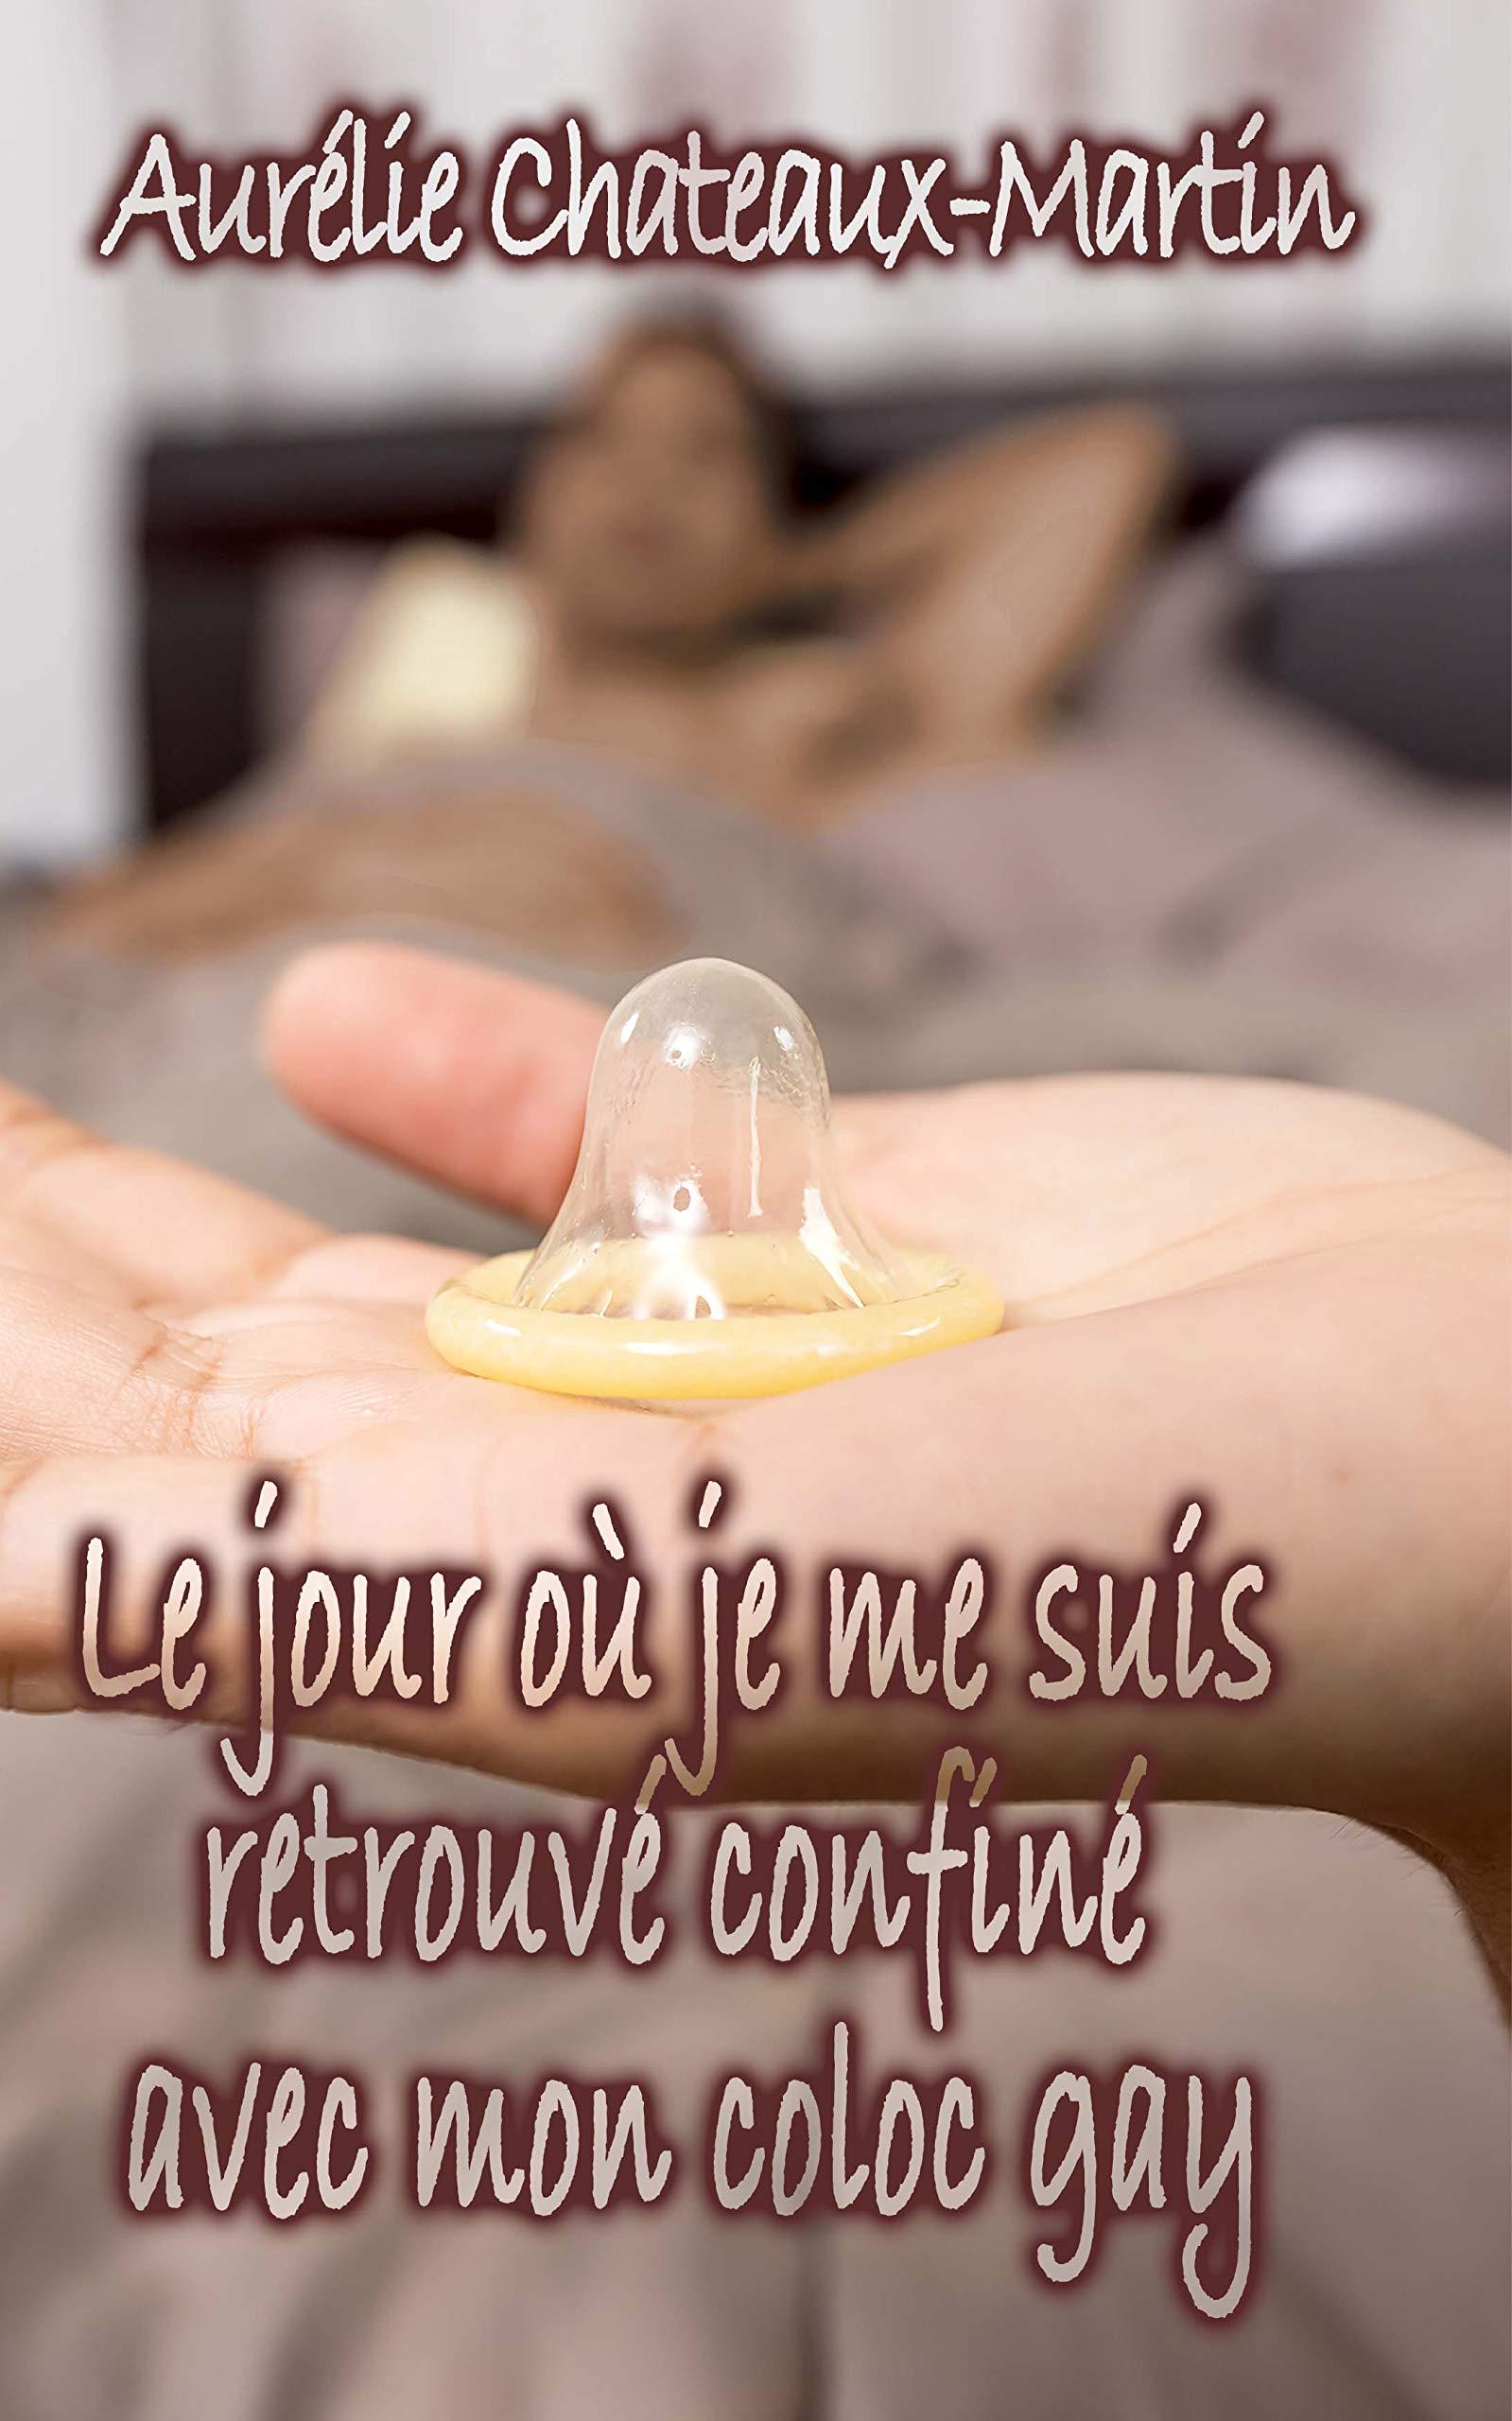 Le jour où je me suis retrouvé confiné avec mon coloc gay par Aurélie Chateaux-Martin